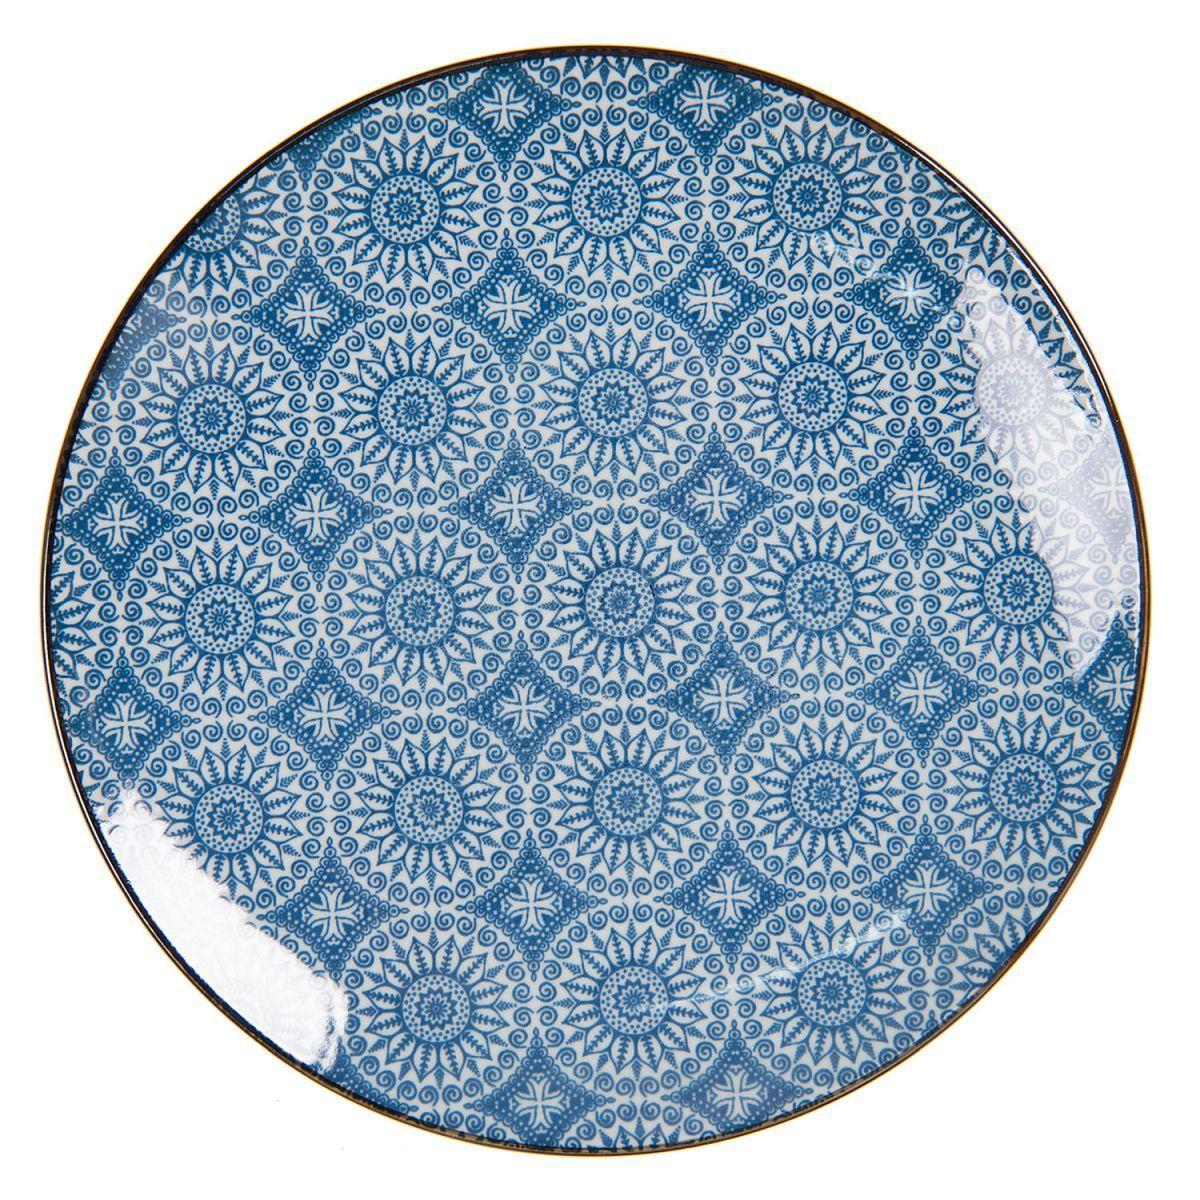 Dezertní talíř BLUE ORNAMENT